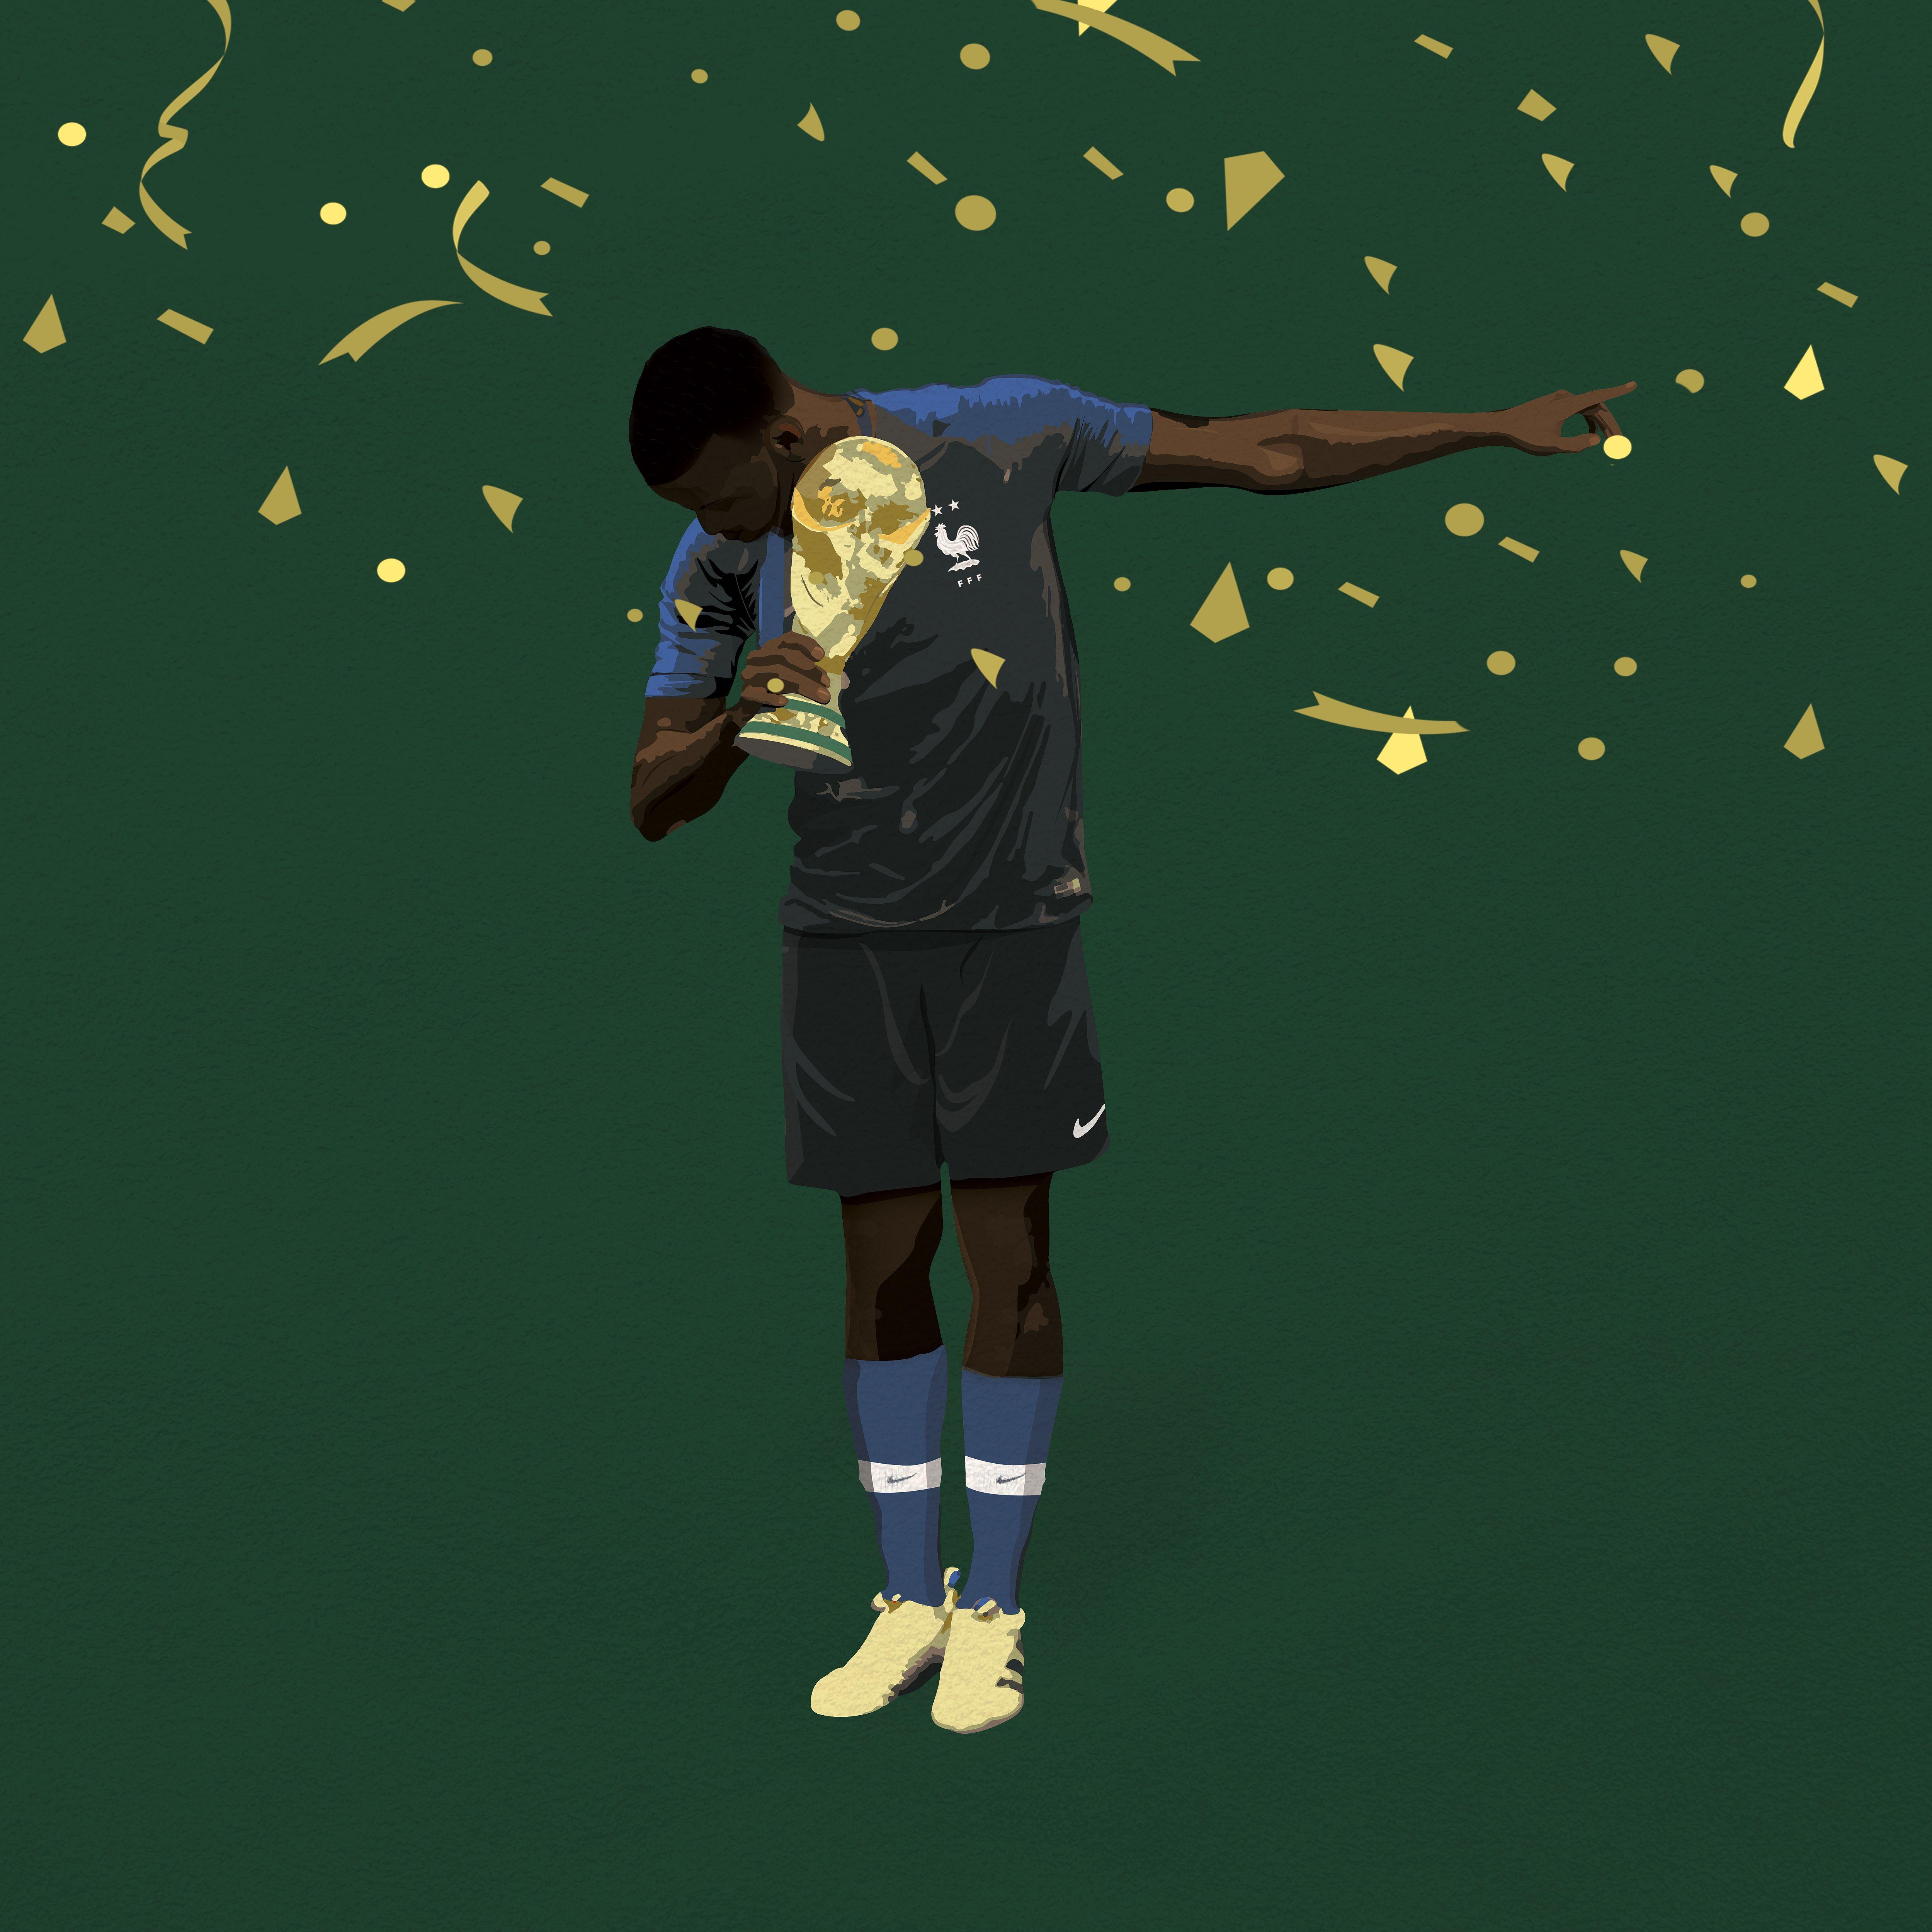 los angeles 1aad8 51634 Kon on   pogba   Dab pogba, World cup final, France vs